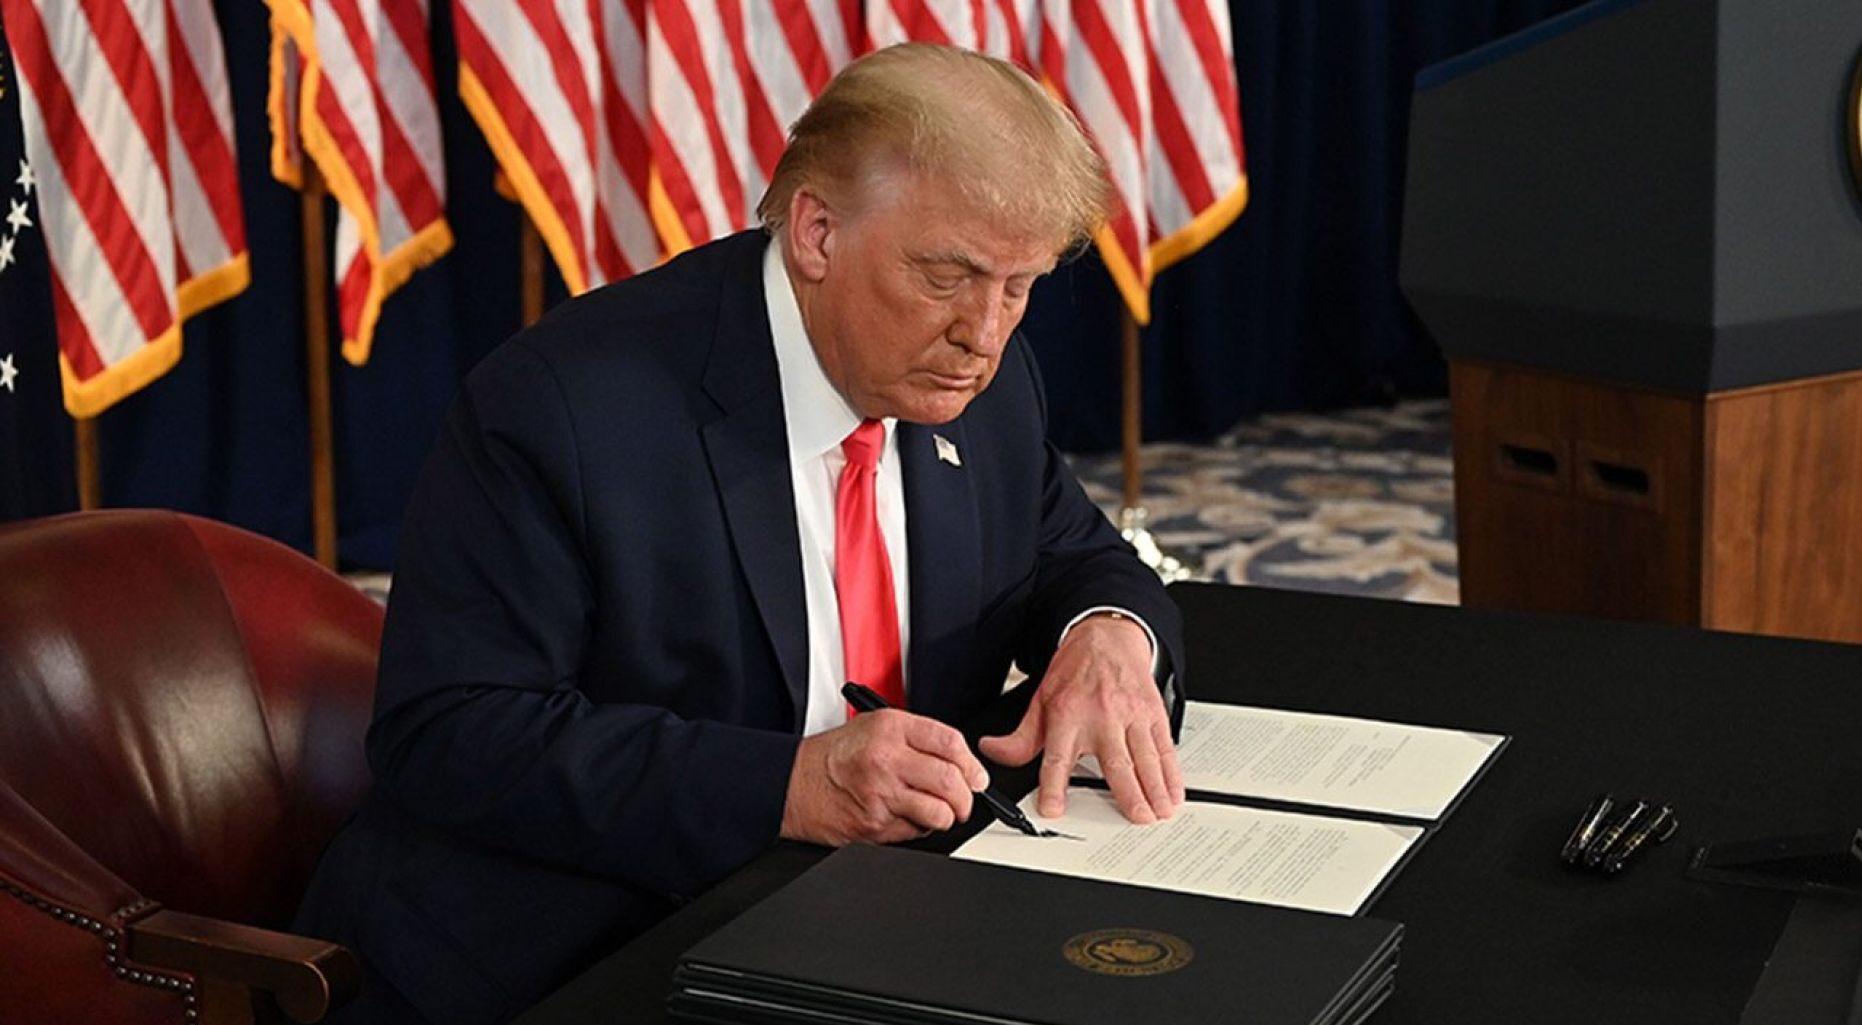 Trump ordena pagos de desempleo de $ 400 por semana en medio de la crisis de COVID